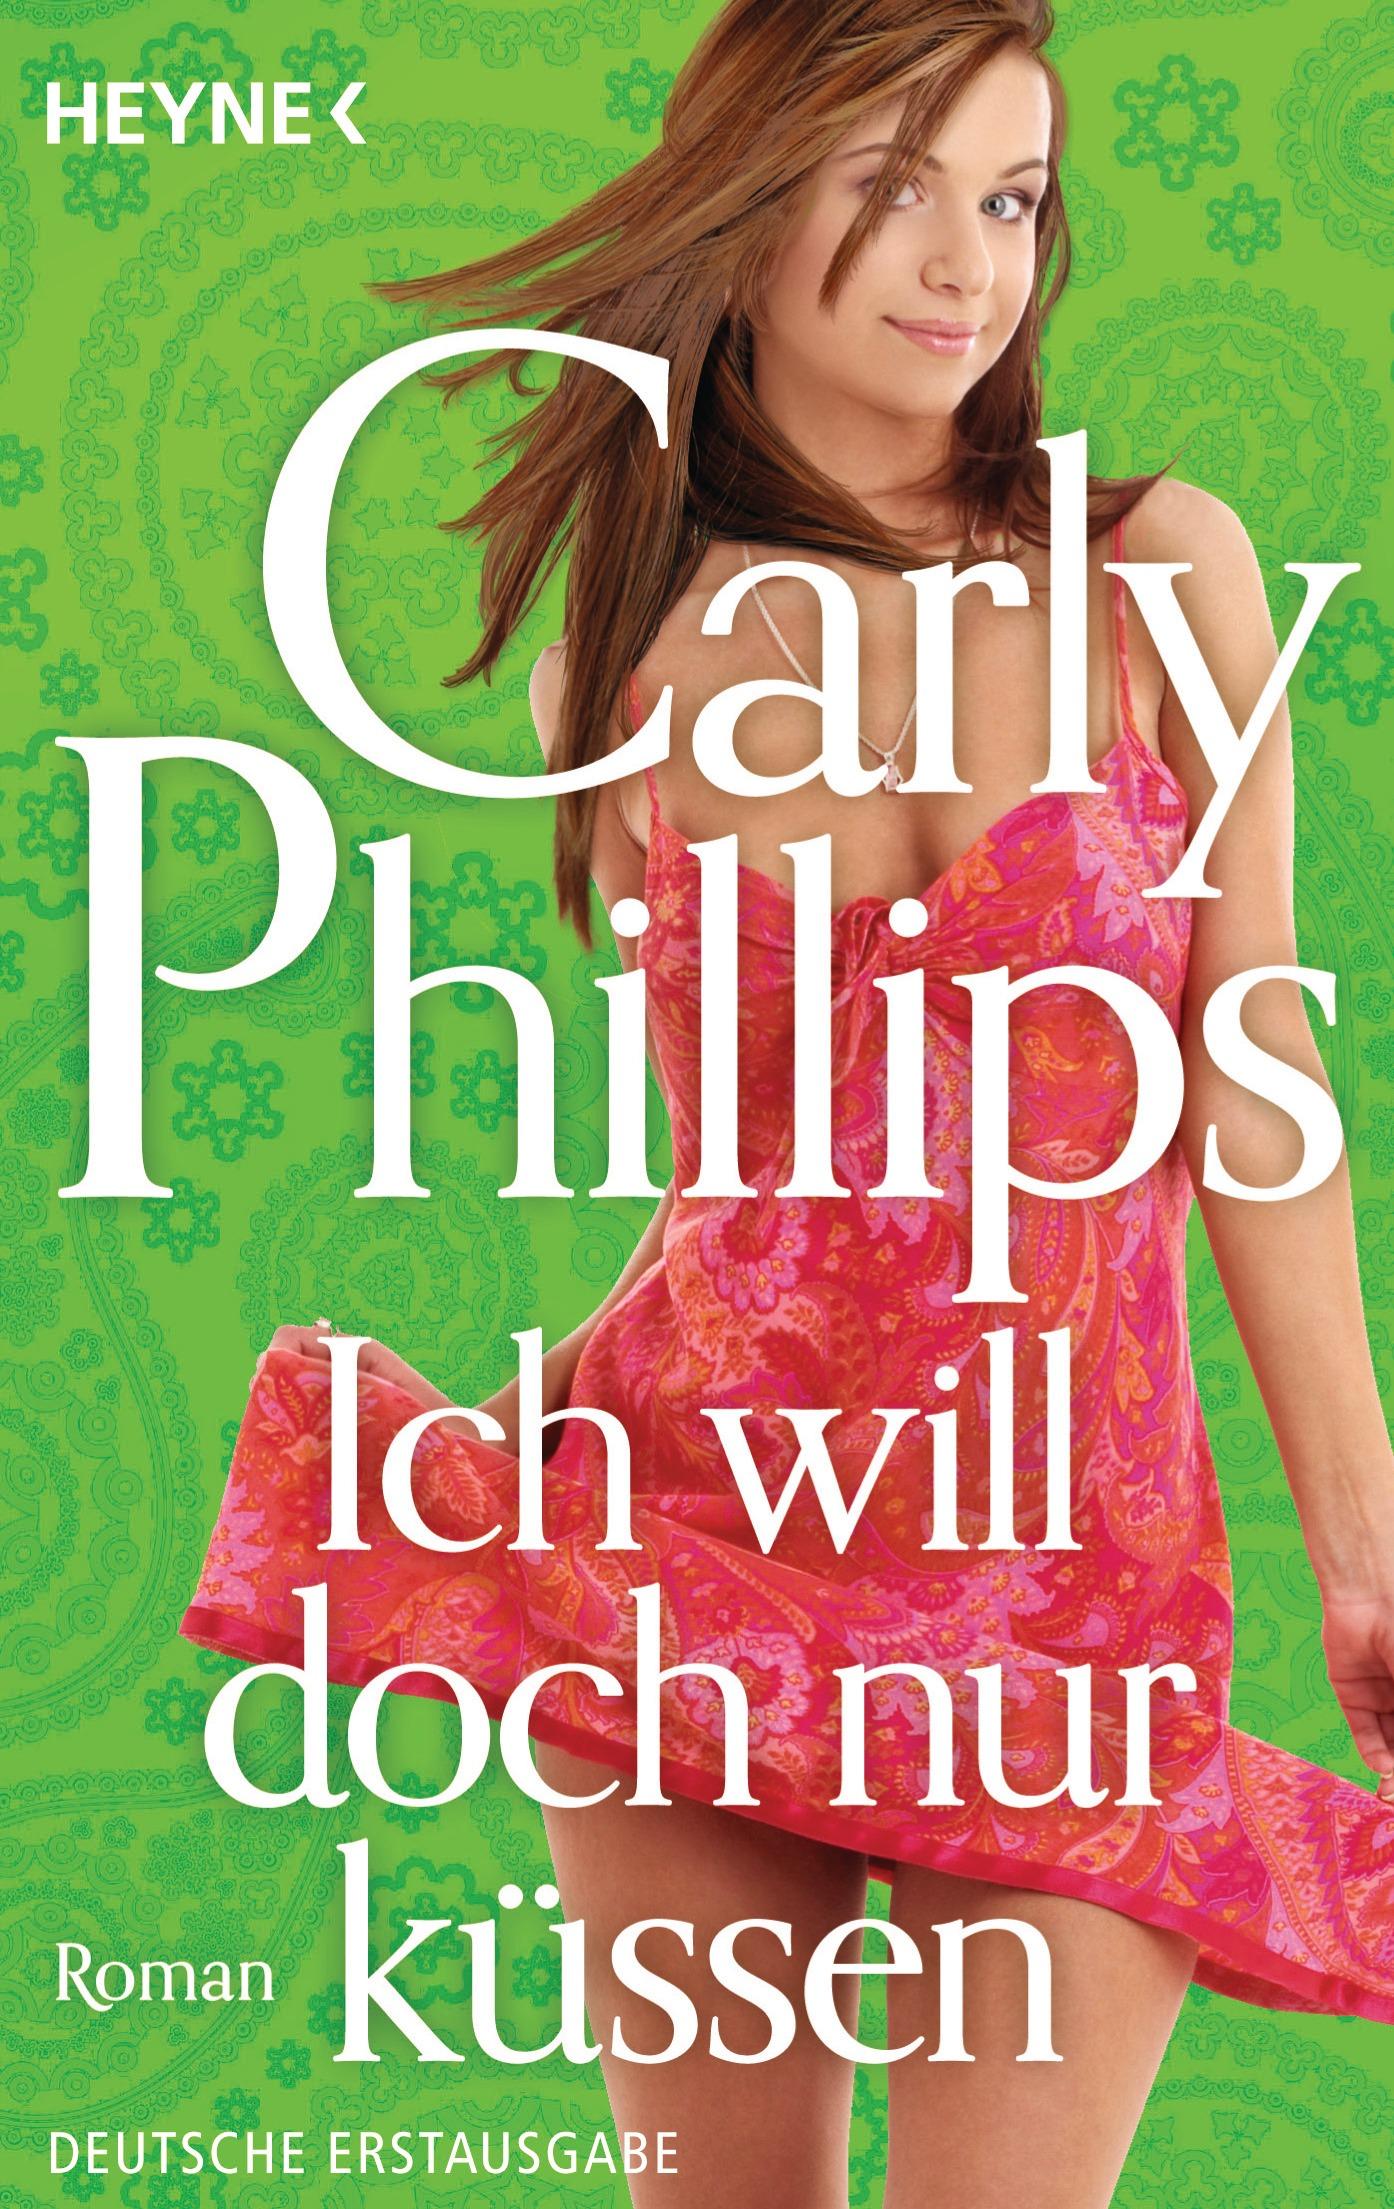 Ich will doch nur küssen: Roman - Carly Phillips